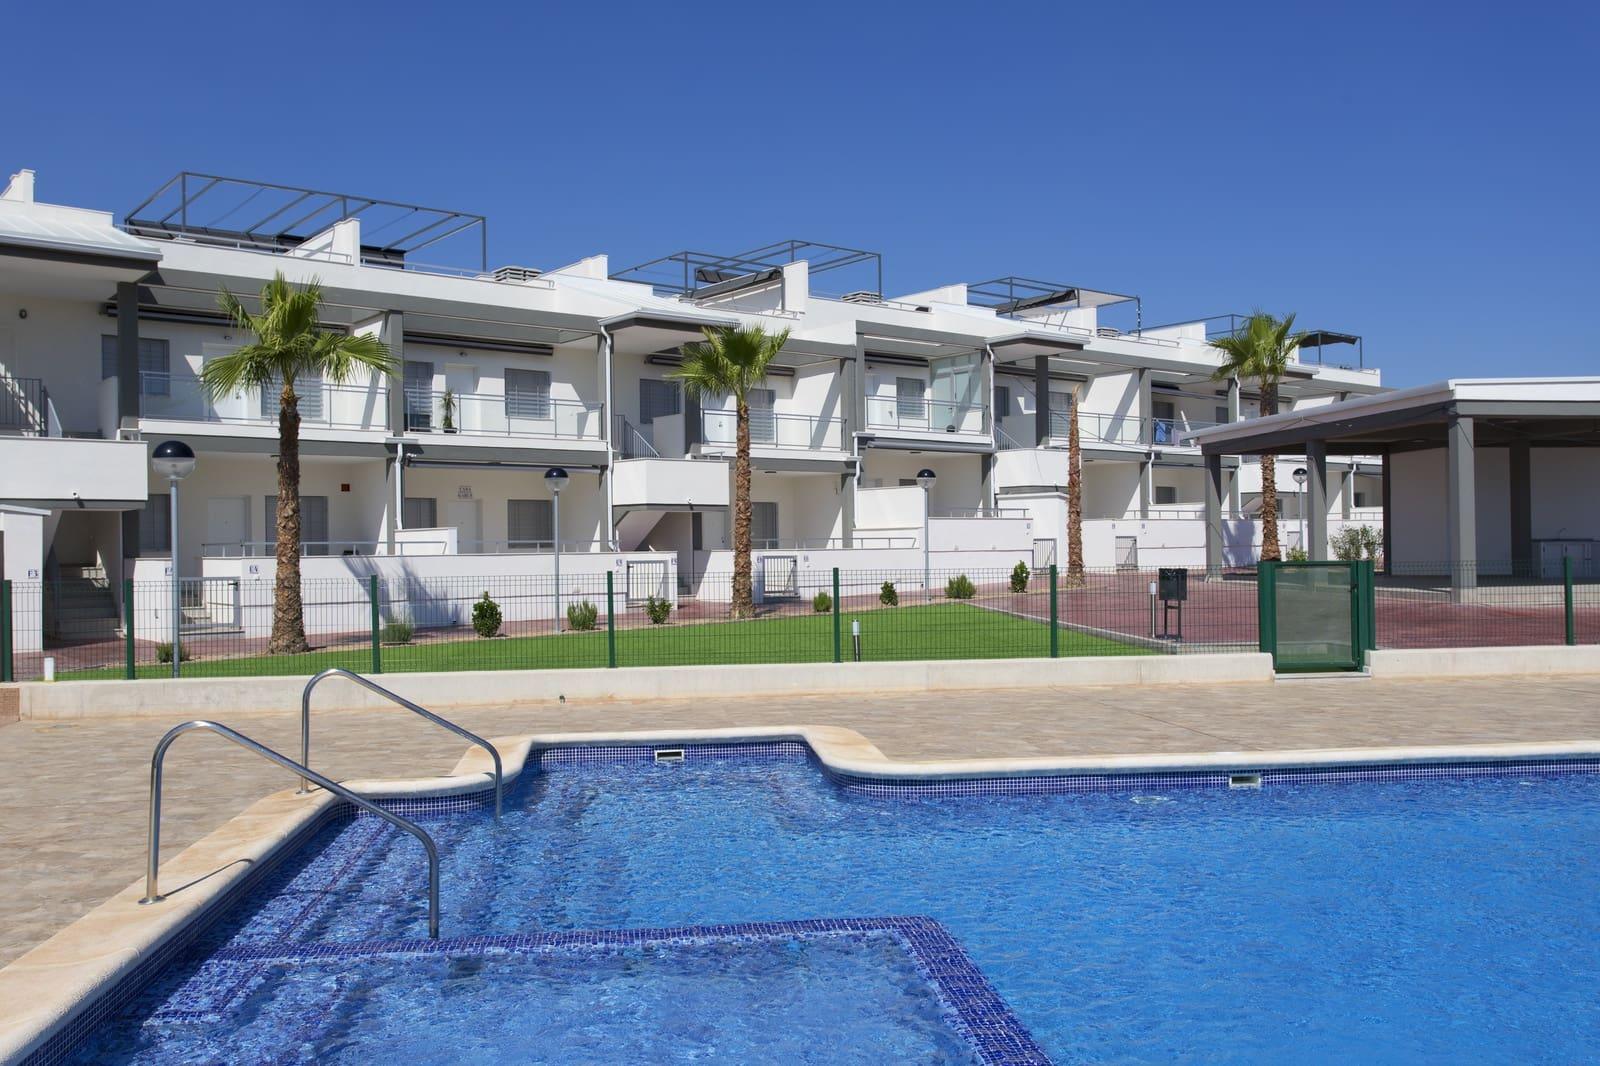 Bungalow de 2 habitaciones en Playa Flamenca en venta con piscina - 150.000 € (Ref: 4972319)